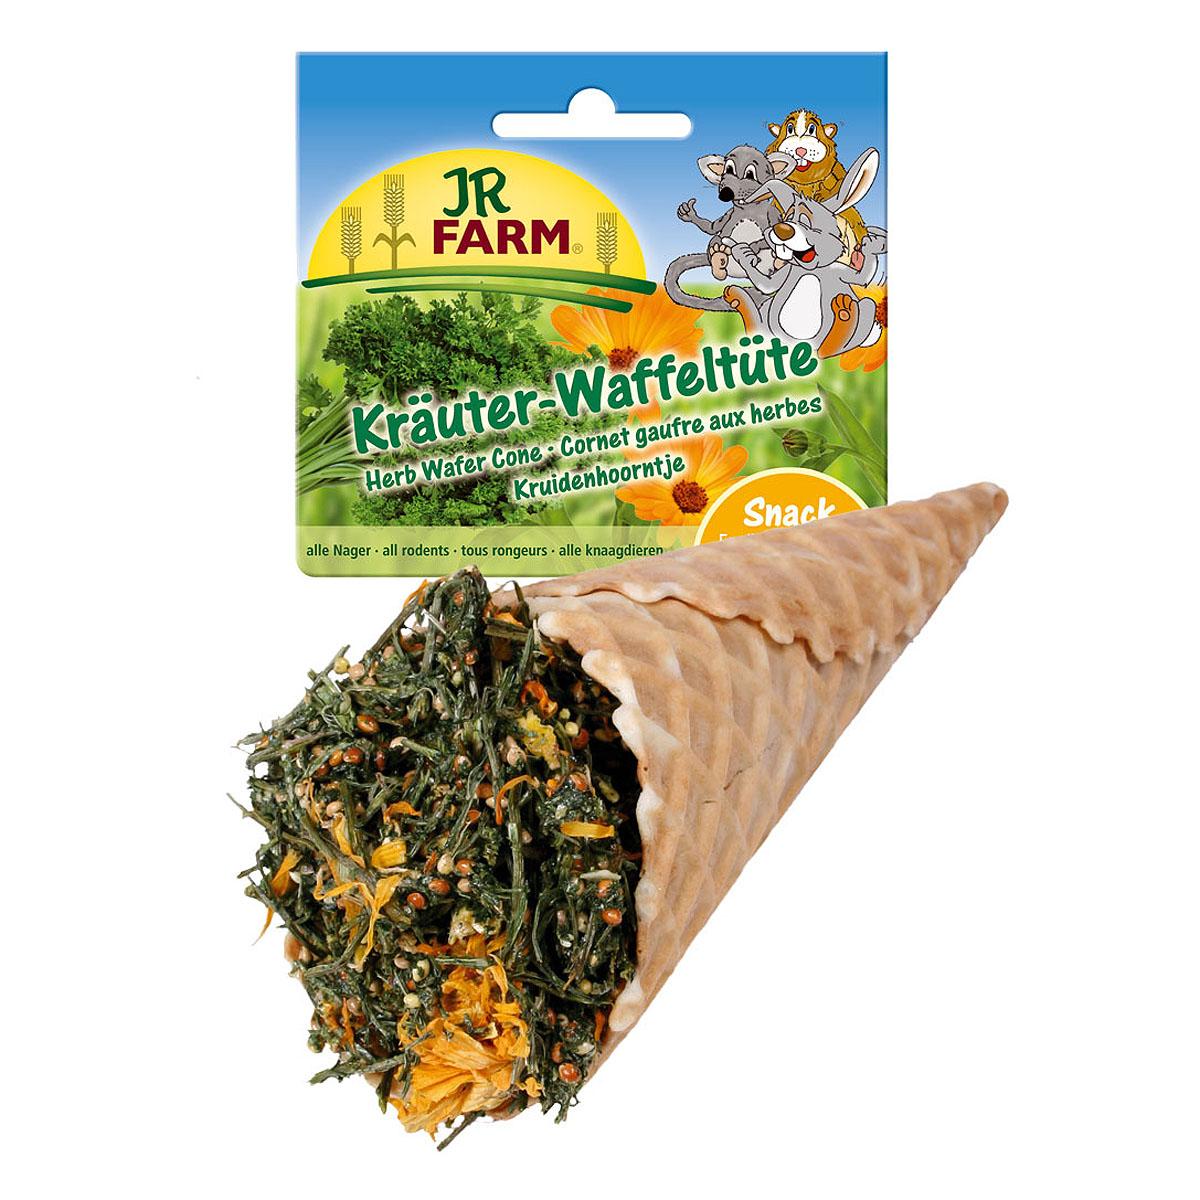 Лакомство для грызунов JR Farm Травы ассорти в вафельном рожке, 60 г0120710Лакомство для грызунов JR Farm Травы ассорти в вафельном рожке - дополнительный корм для карликовых кроликов, морских свинок, крыс, хомяков, дегу, мышей и шиншилл. Имеется специальный держатель для крепления лакомства на клетку.Состав: вафельный рожок, петрушка, желтое просо, красное просо, кукурузные хлопья, крахмал. Вес: 60 г. Товар сертифицирован.